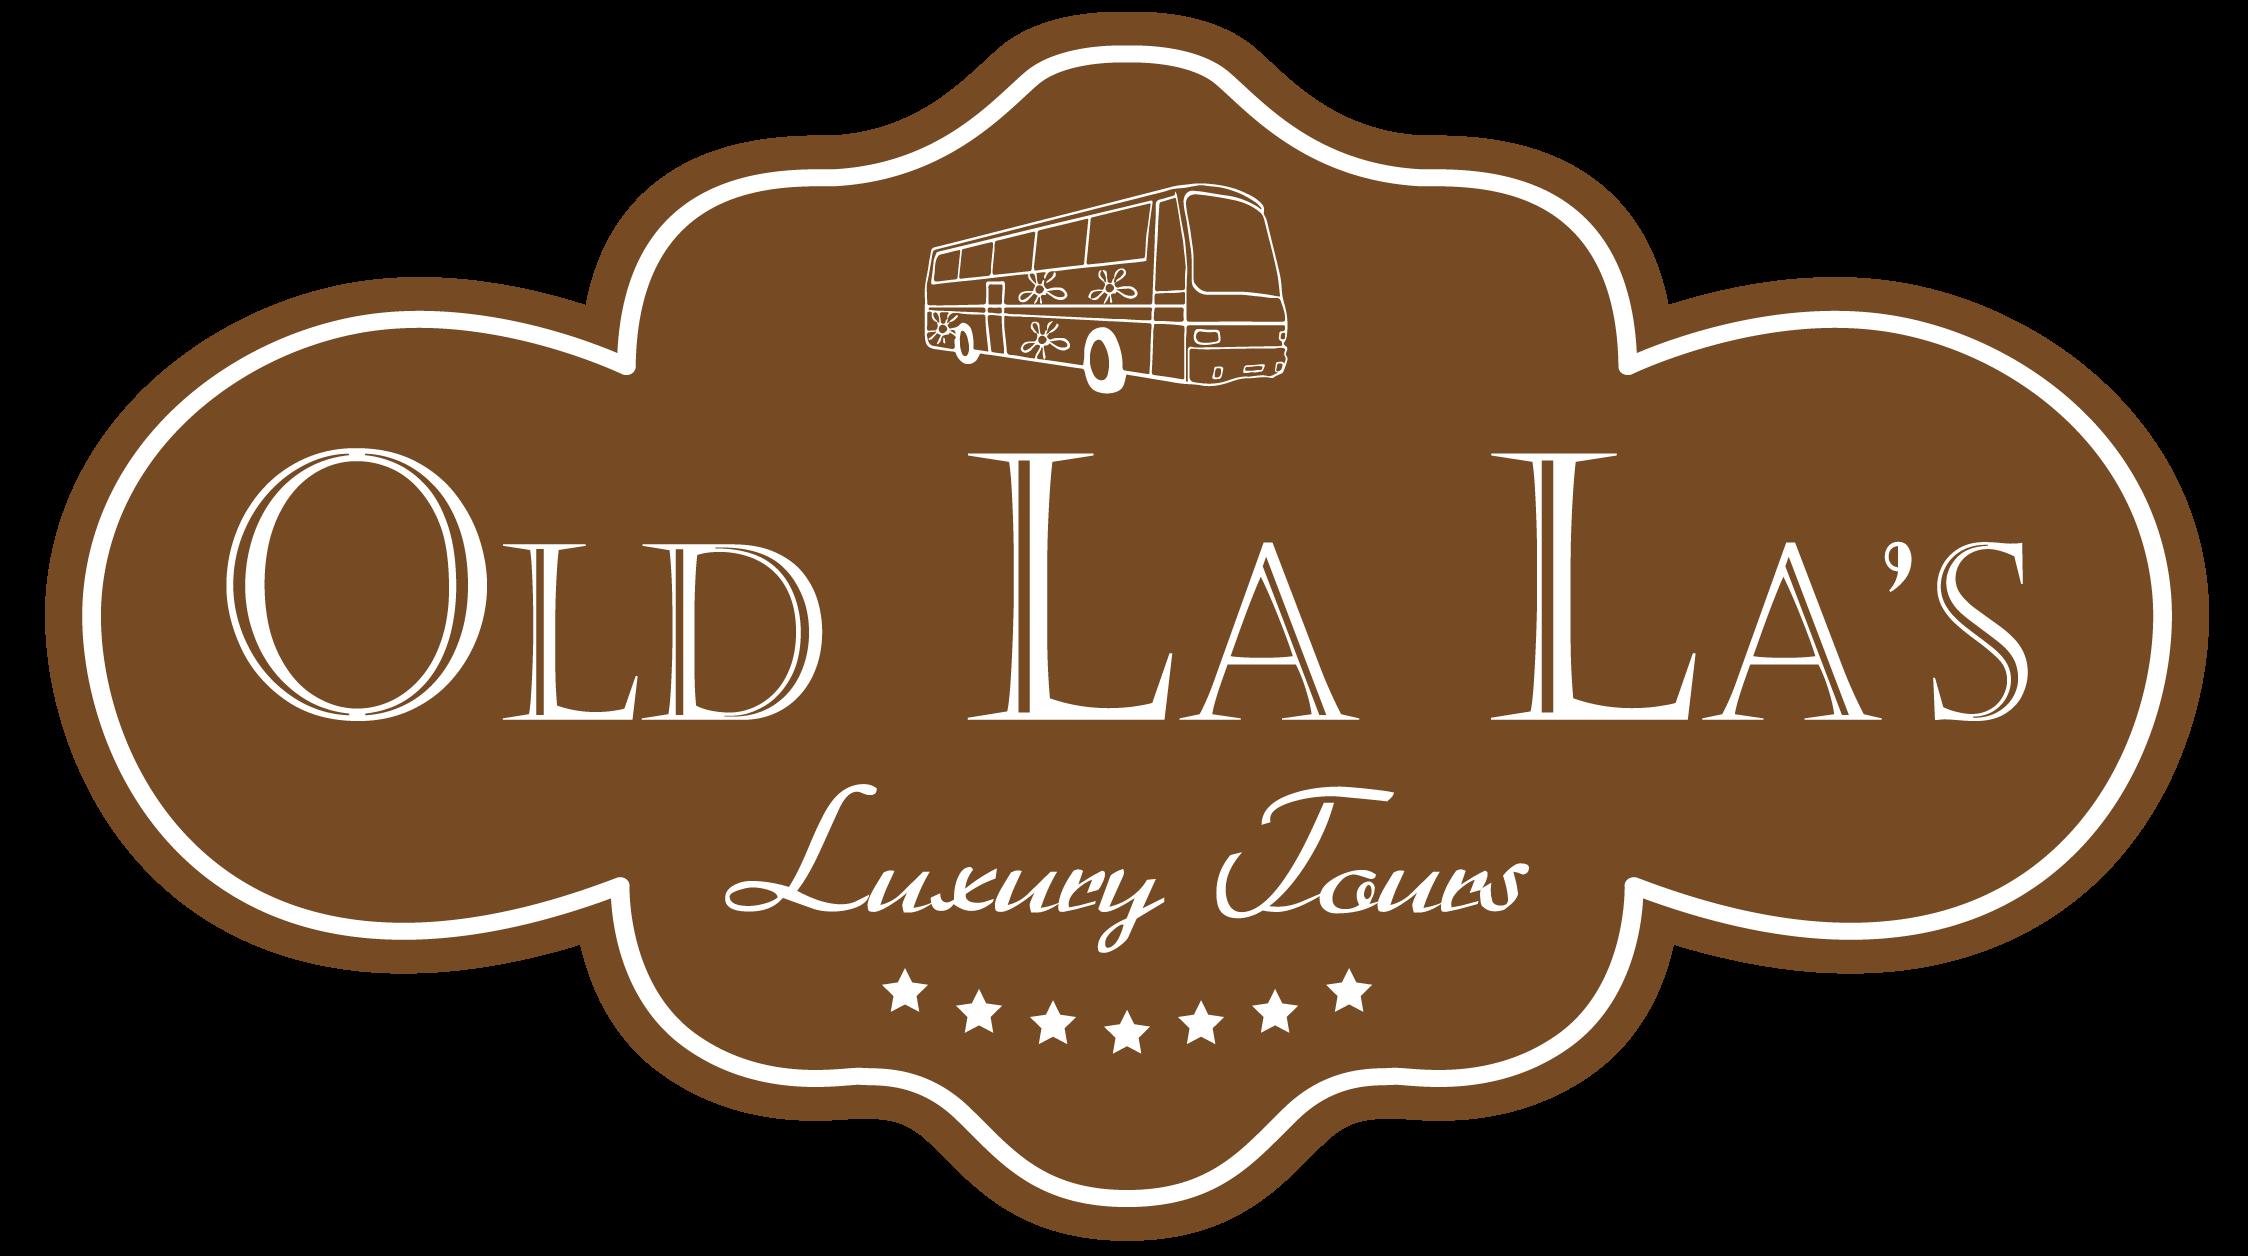 Old La La's Luxury Tours